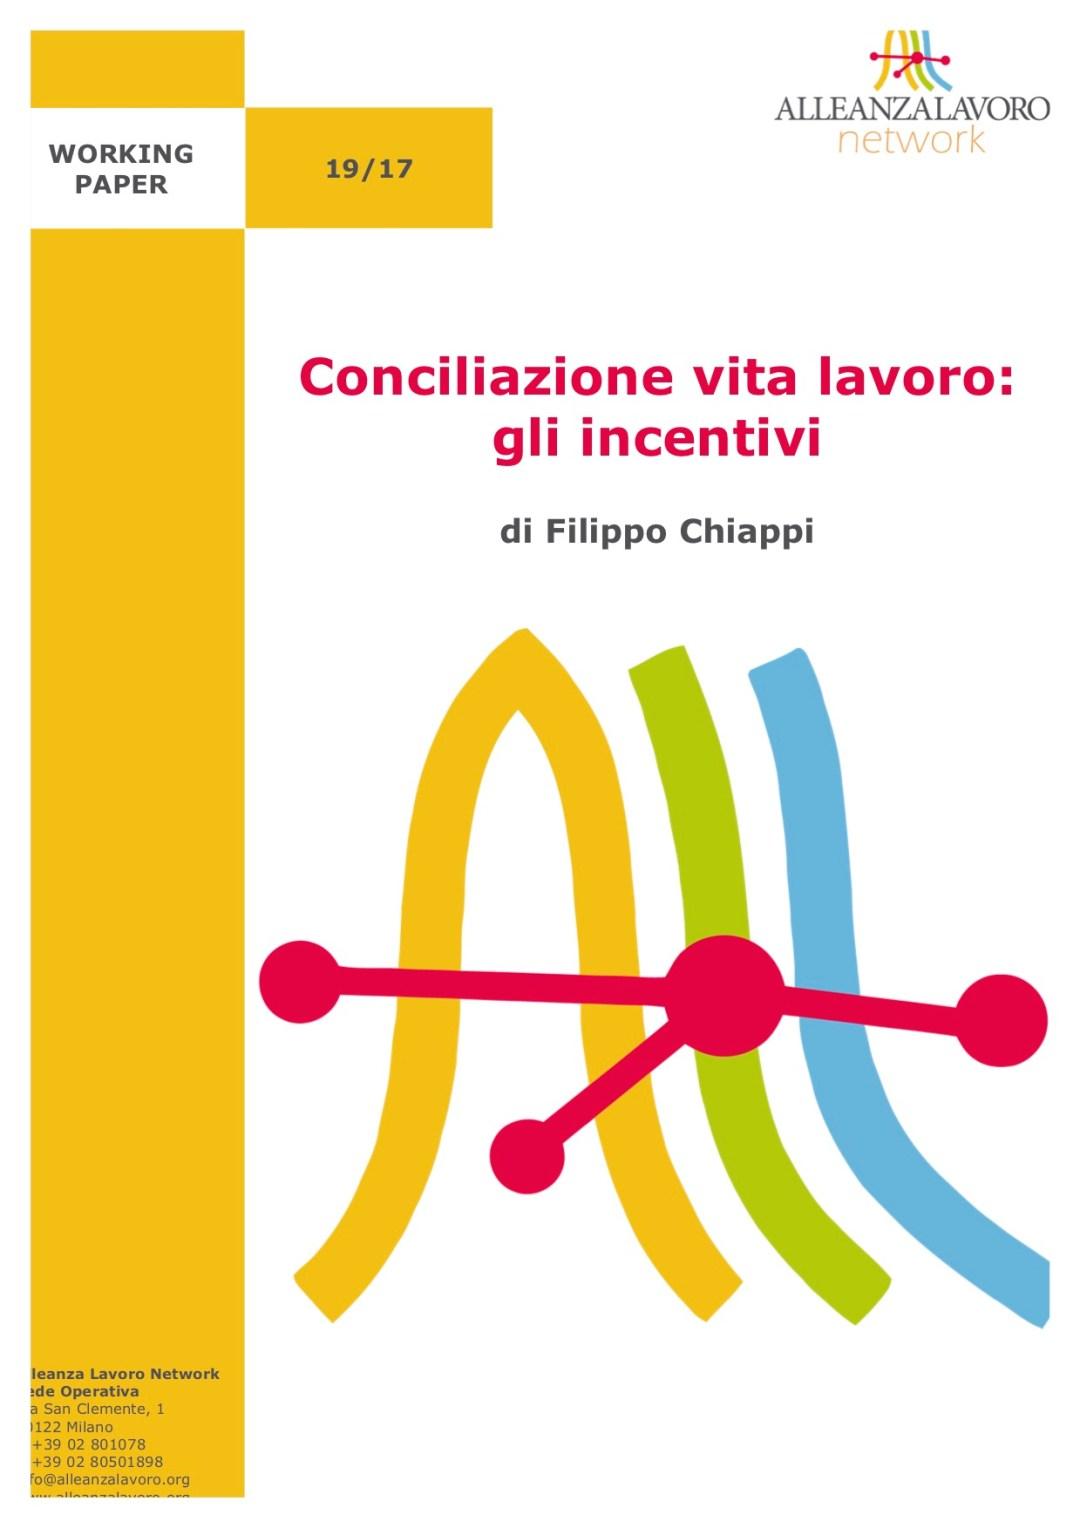 Working Paper: Conciliazione vita lavoro: gli incentivi